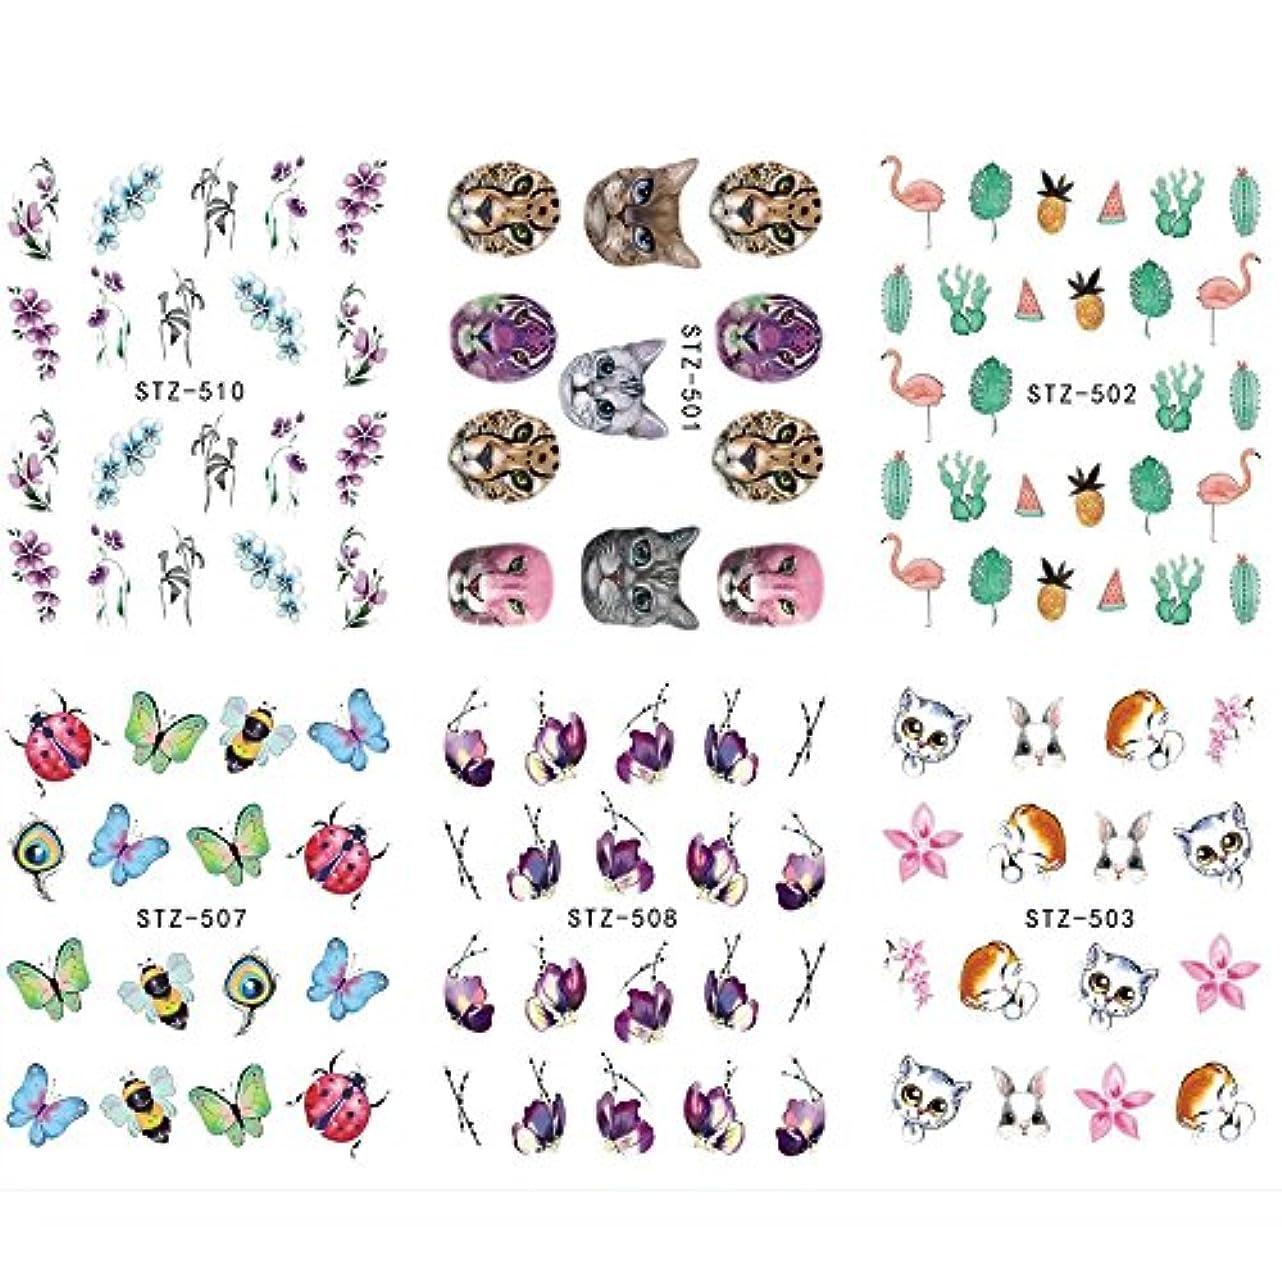 乱暴な分配します五月SUKTI&XIAO ネイルステッカー 12ピース花植物動物ネイルアートステッカー水転写デカールスライダータトゥーフルカバーラップツールの装飾